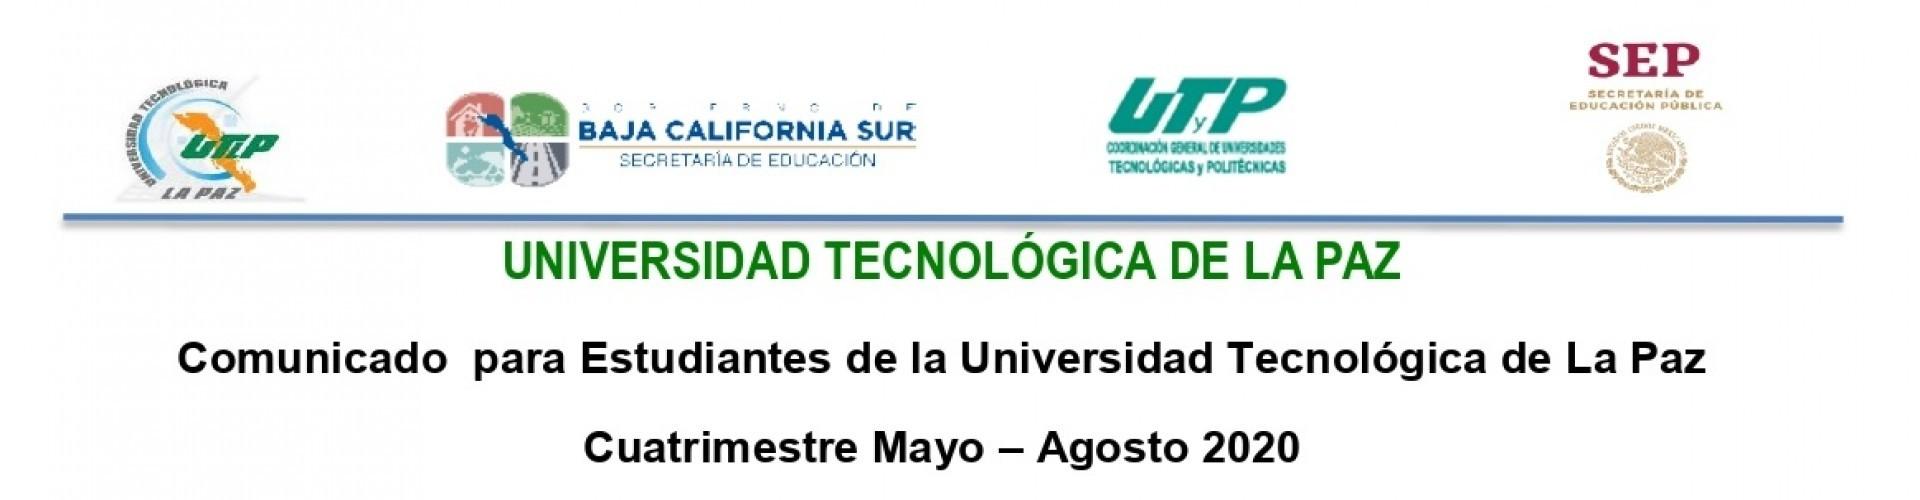 Comunicado  para Estudiantes de la Universidad Tecnológica de La Paz Cuatrimestre Mayo – Agosto 2020